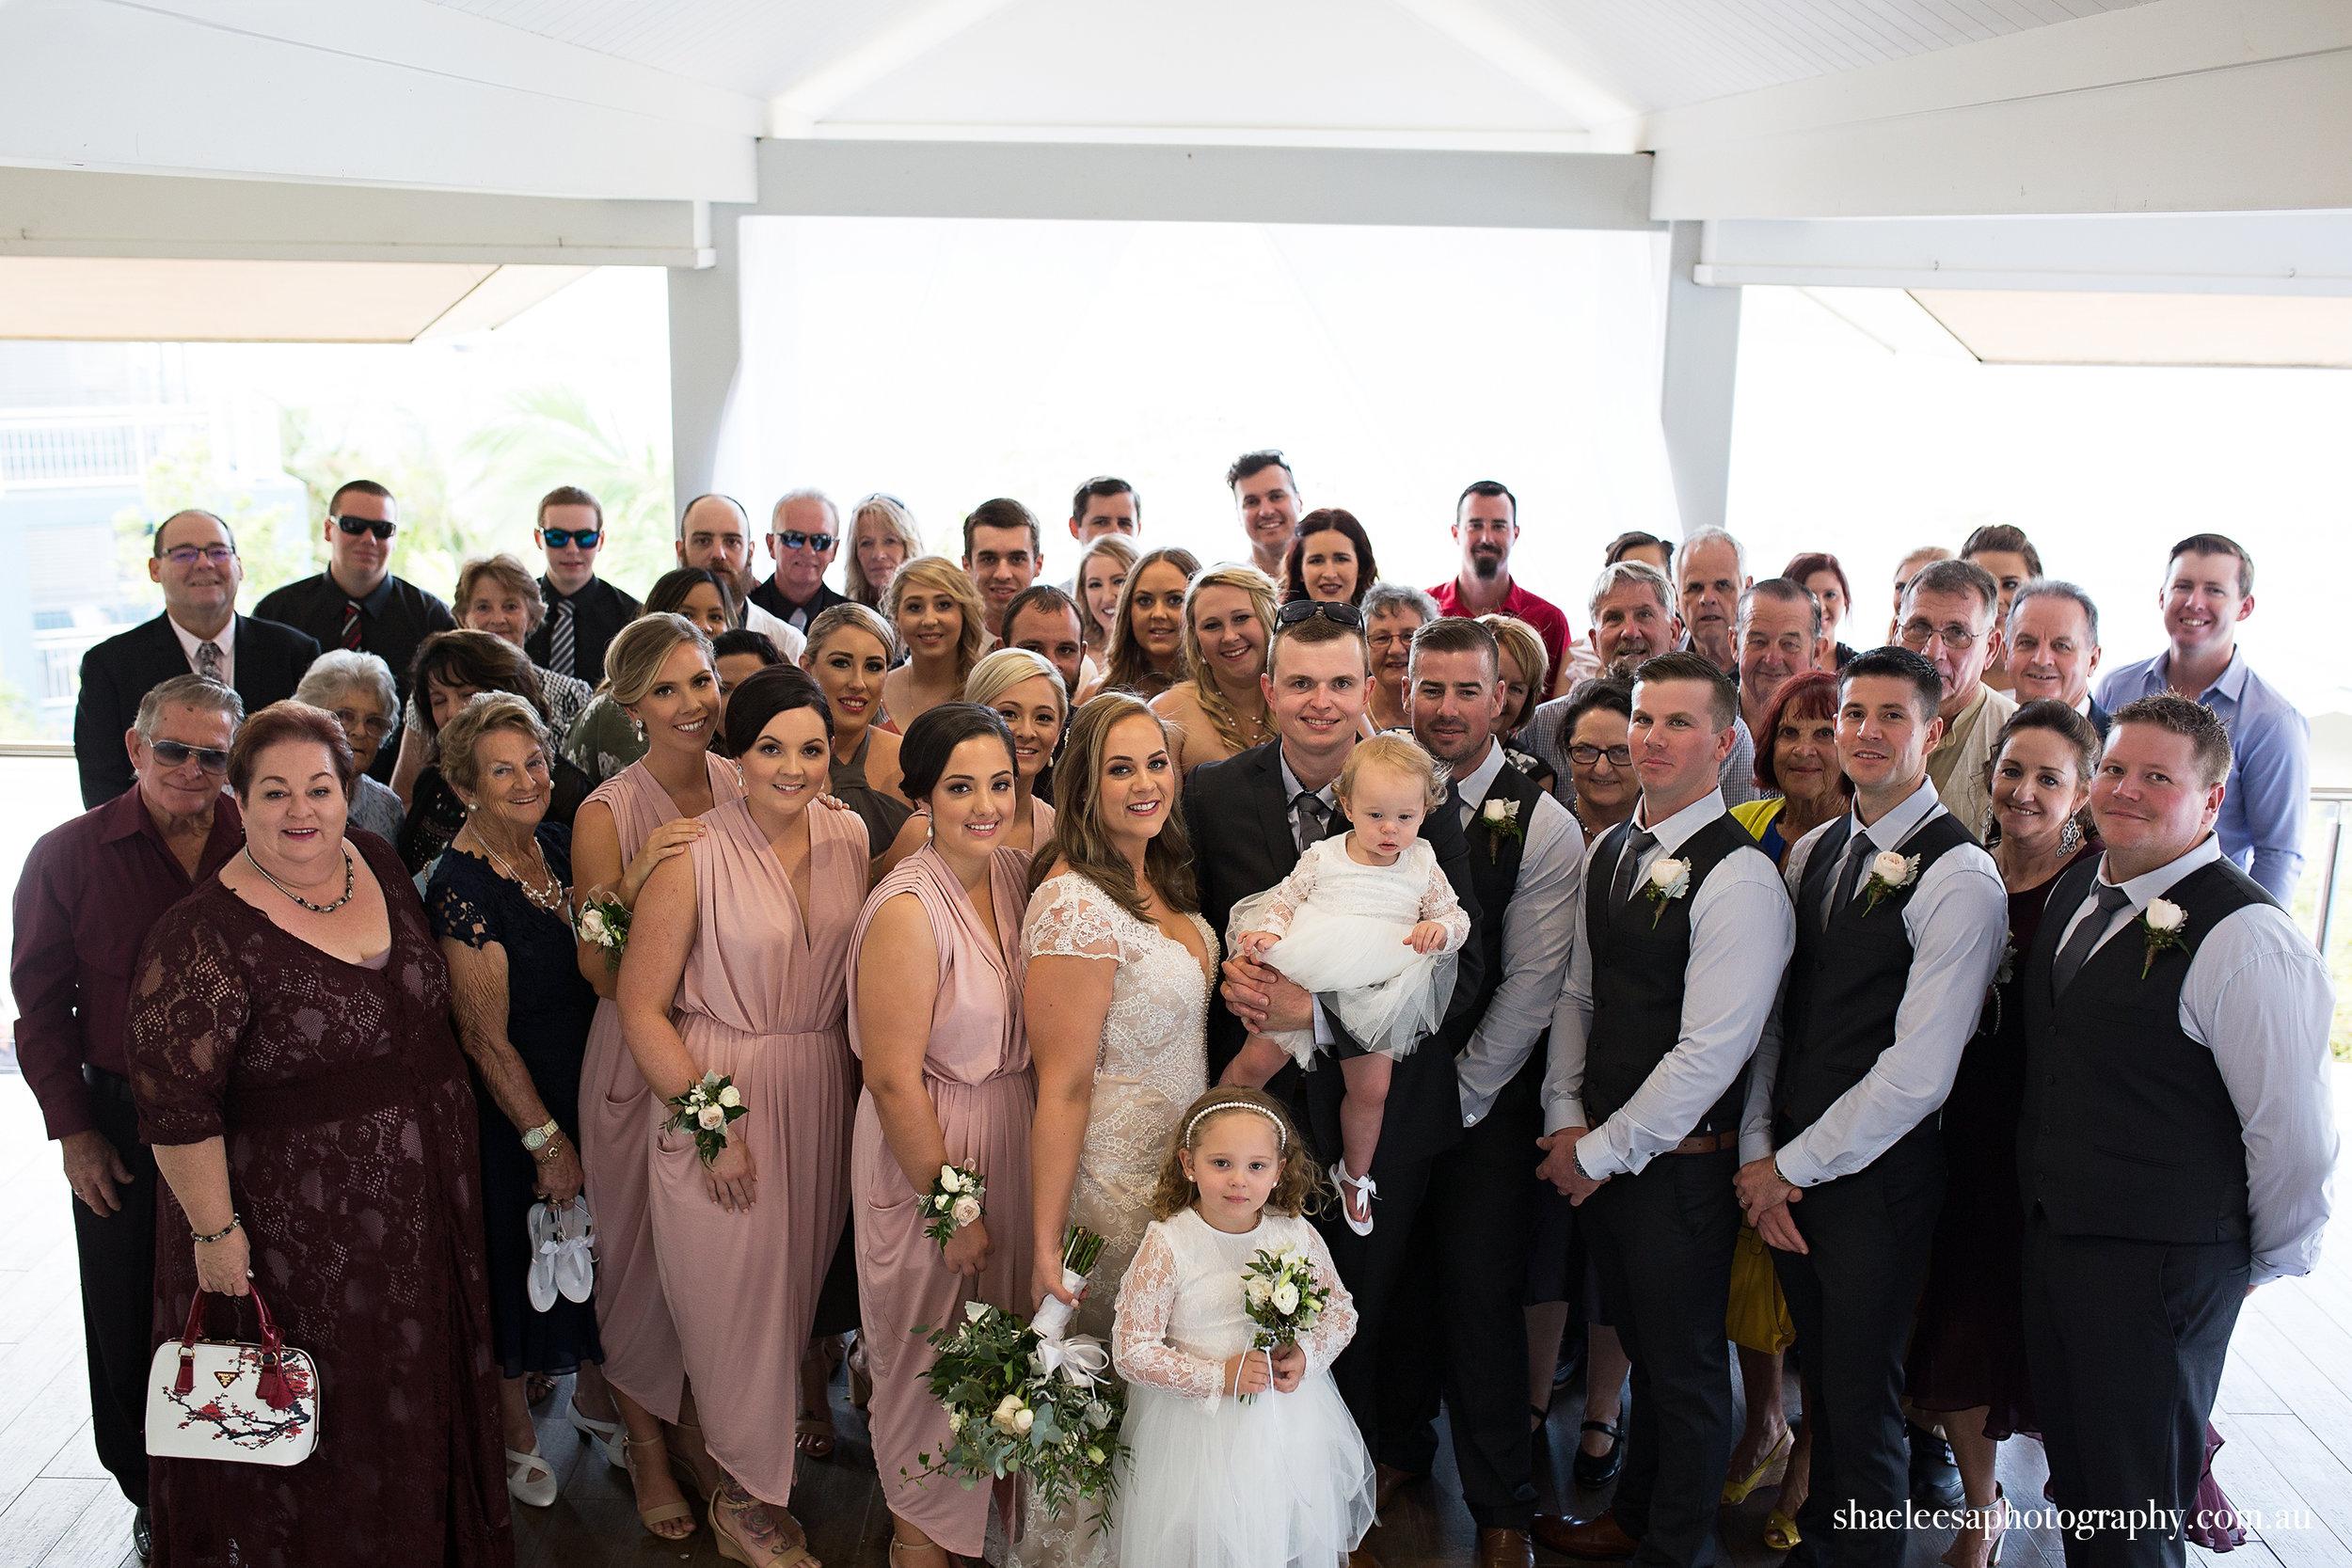 WeddingsByShae_135_McDermid2017.jpg